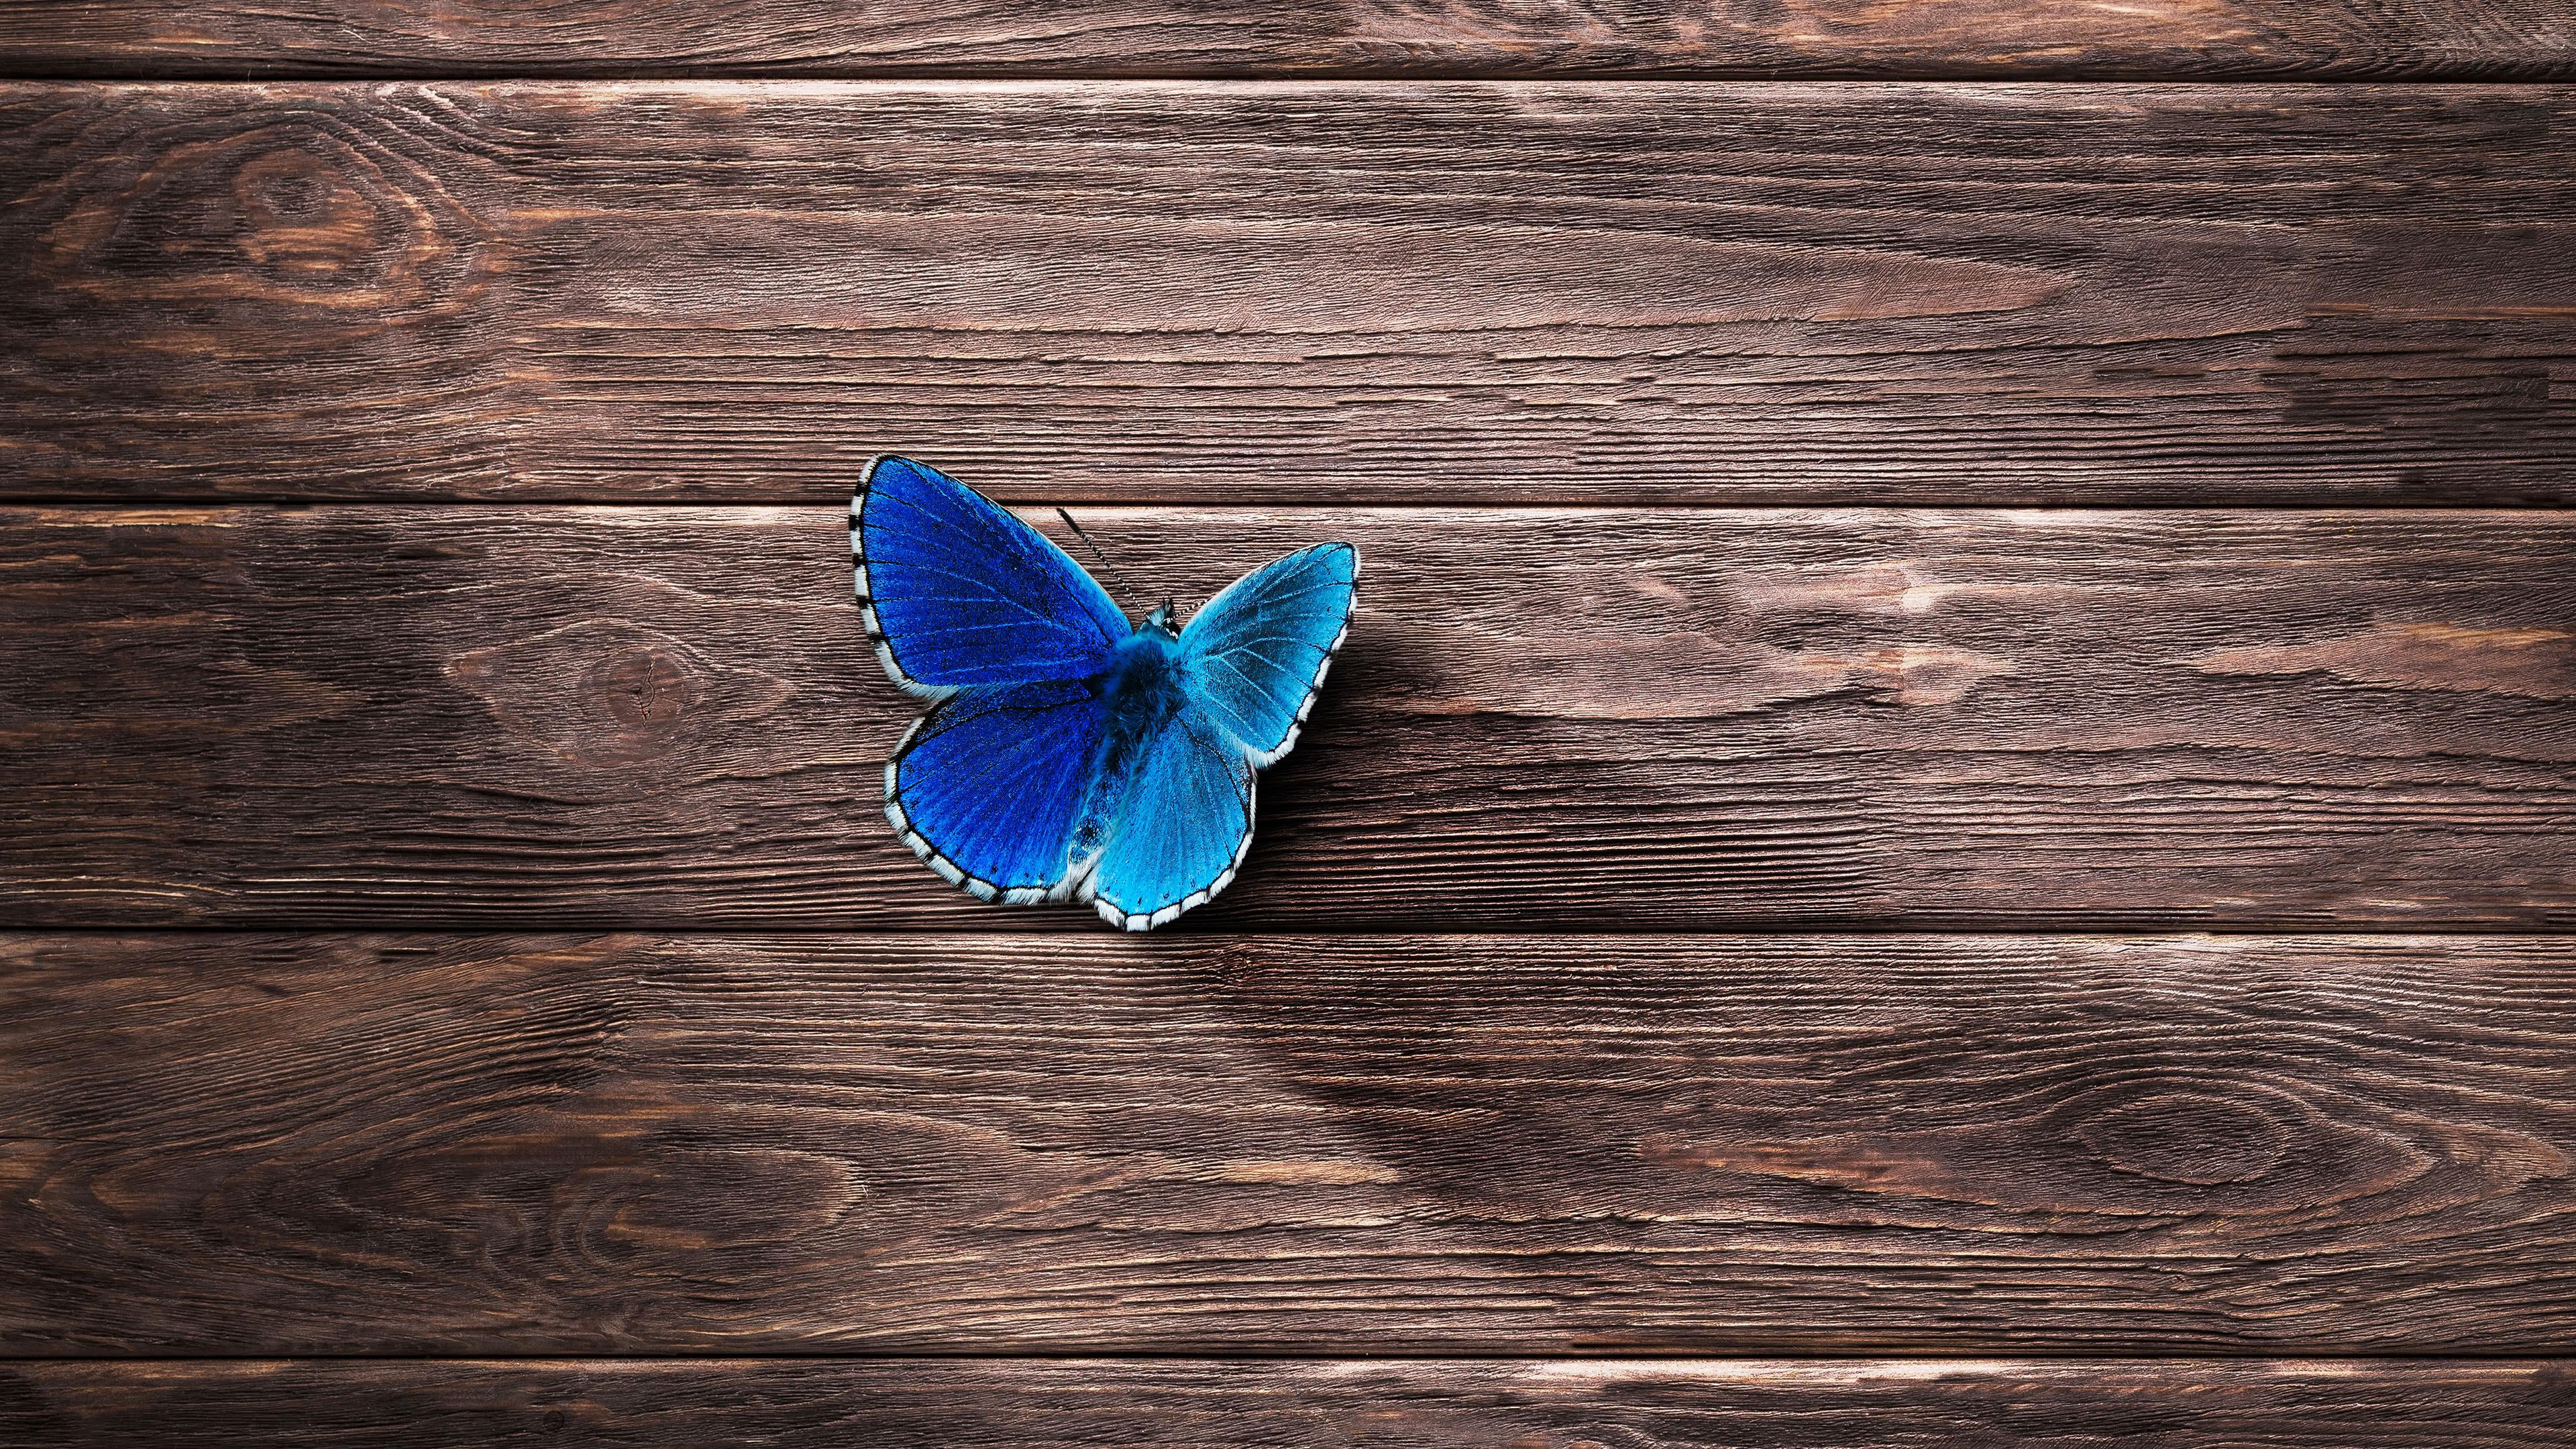 Butterfly Blue On Wood UHD 4K Wallpaper - Pixelz.cc